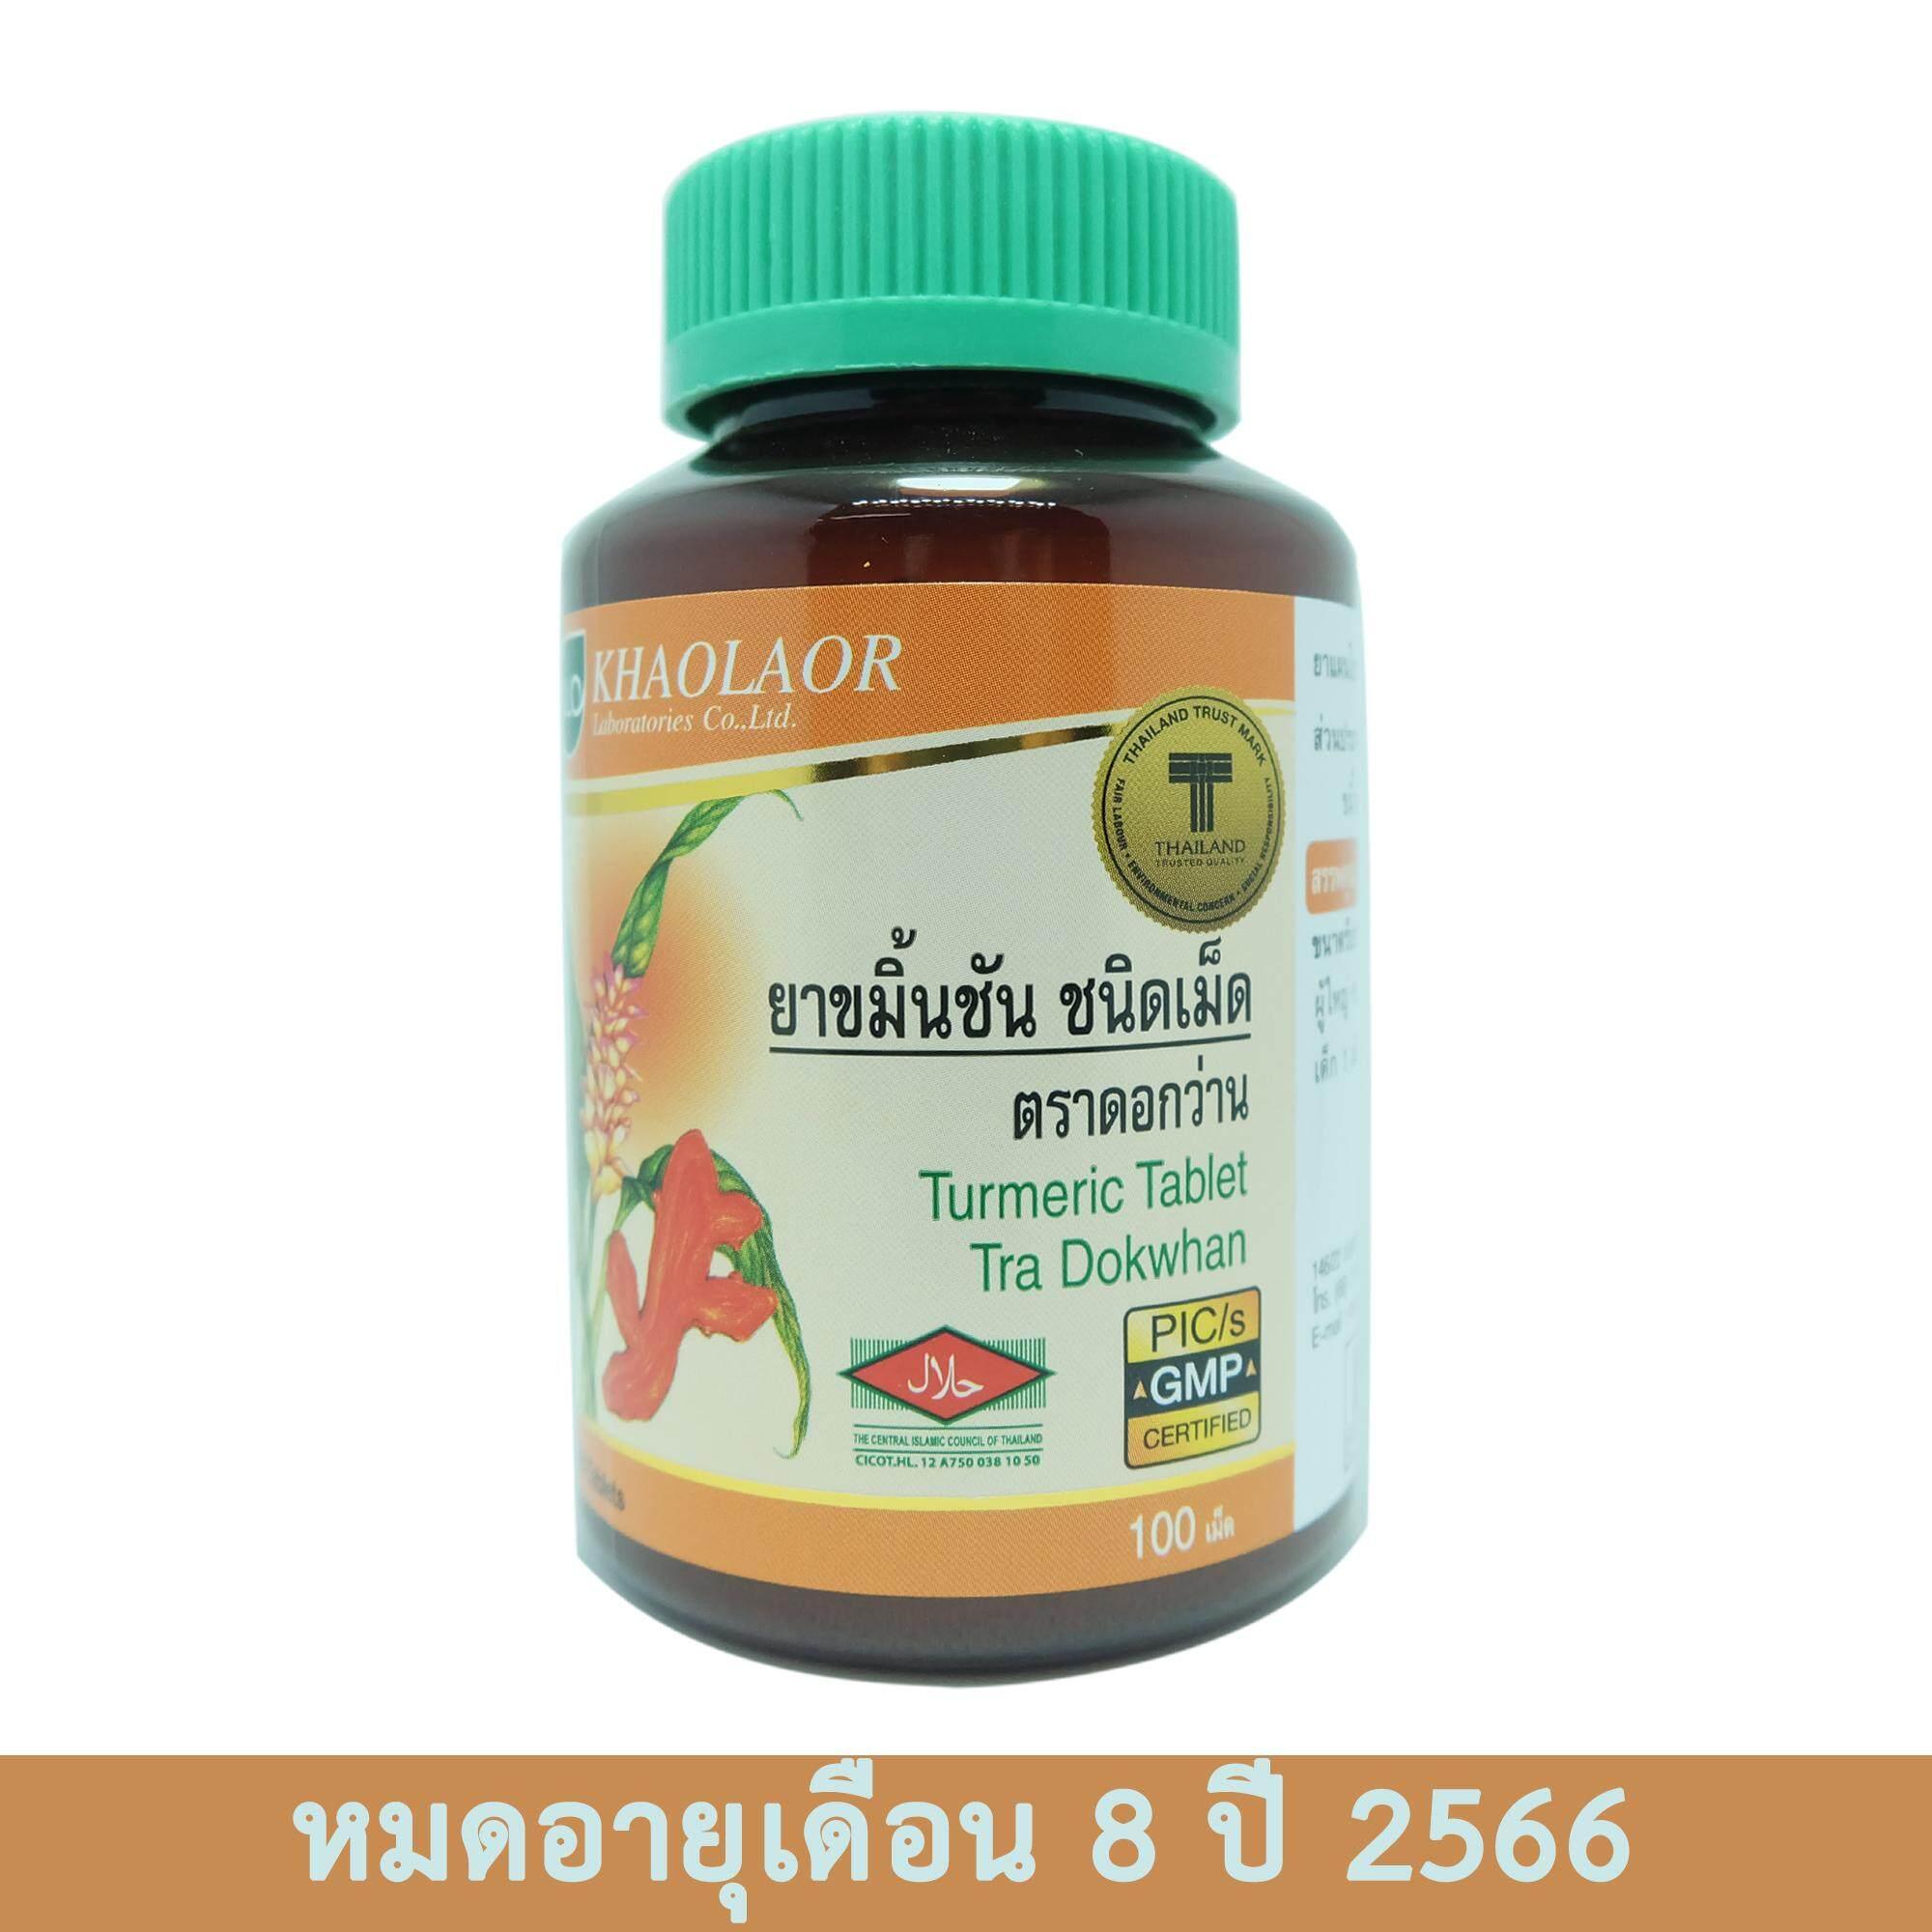 Khaolaor ขมิ้นชัน 350 มก. 100 เม็ด By Vitamins-Pharmacy.